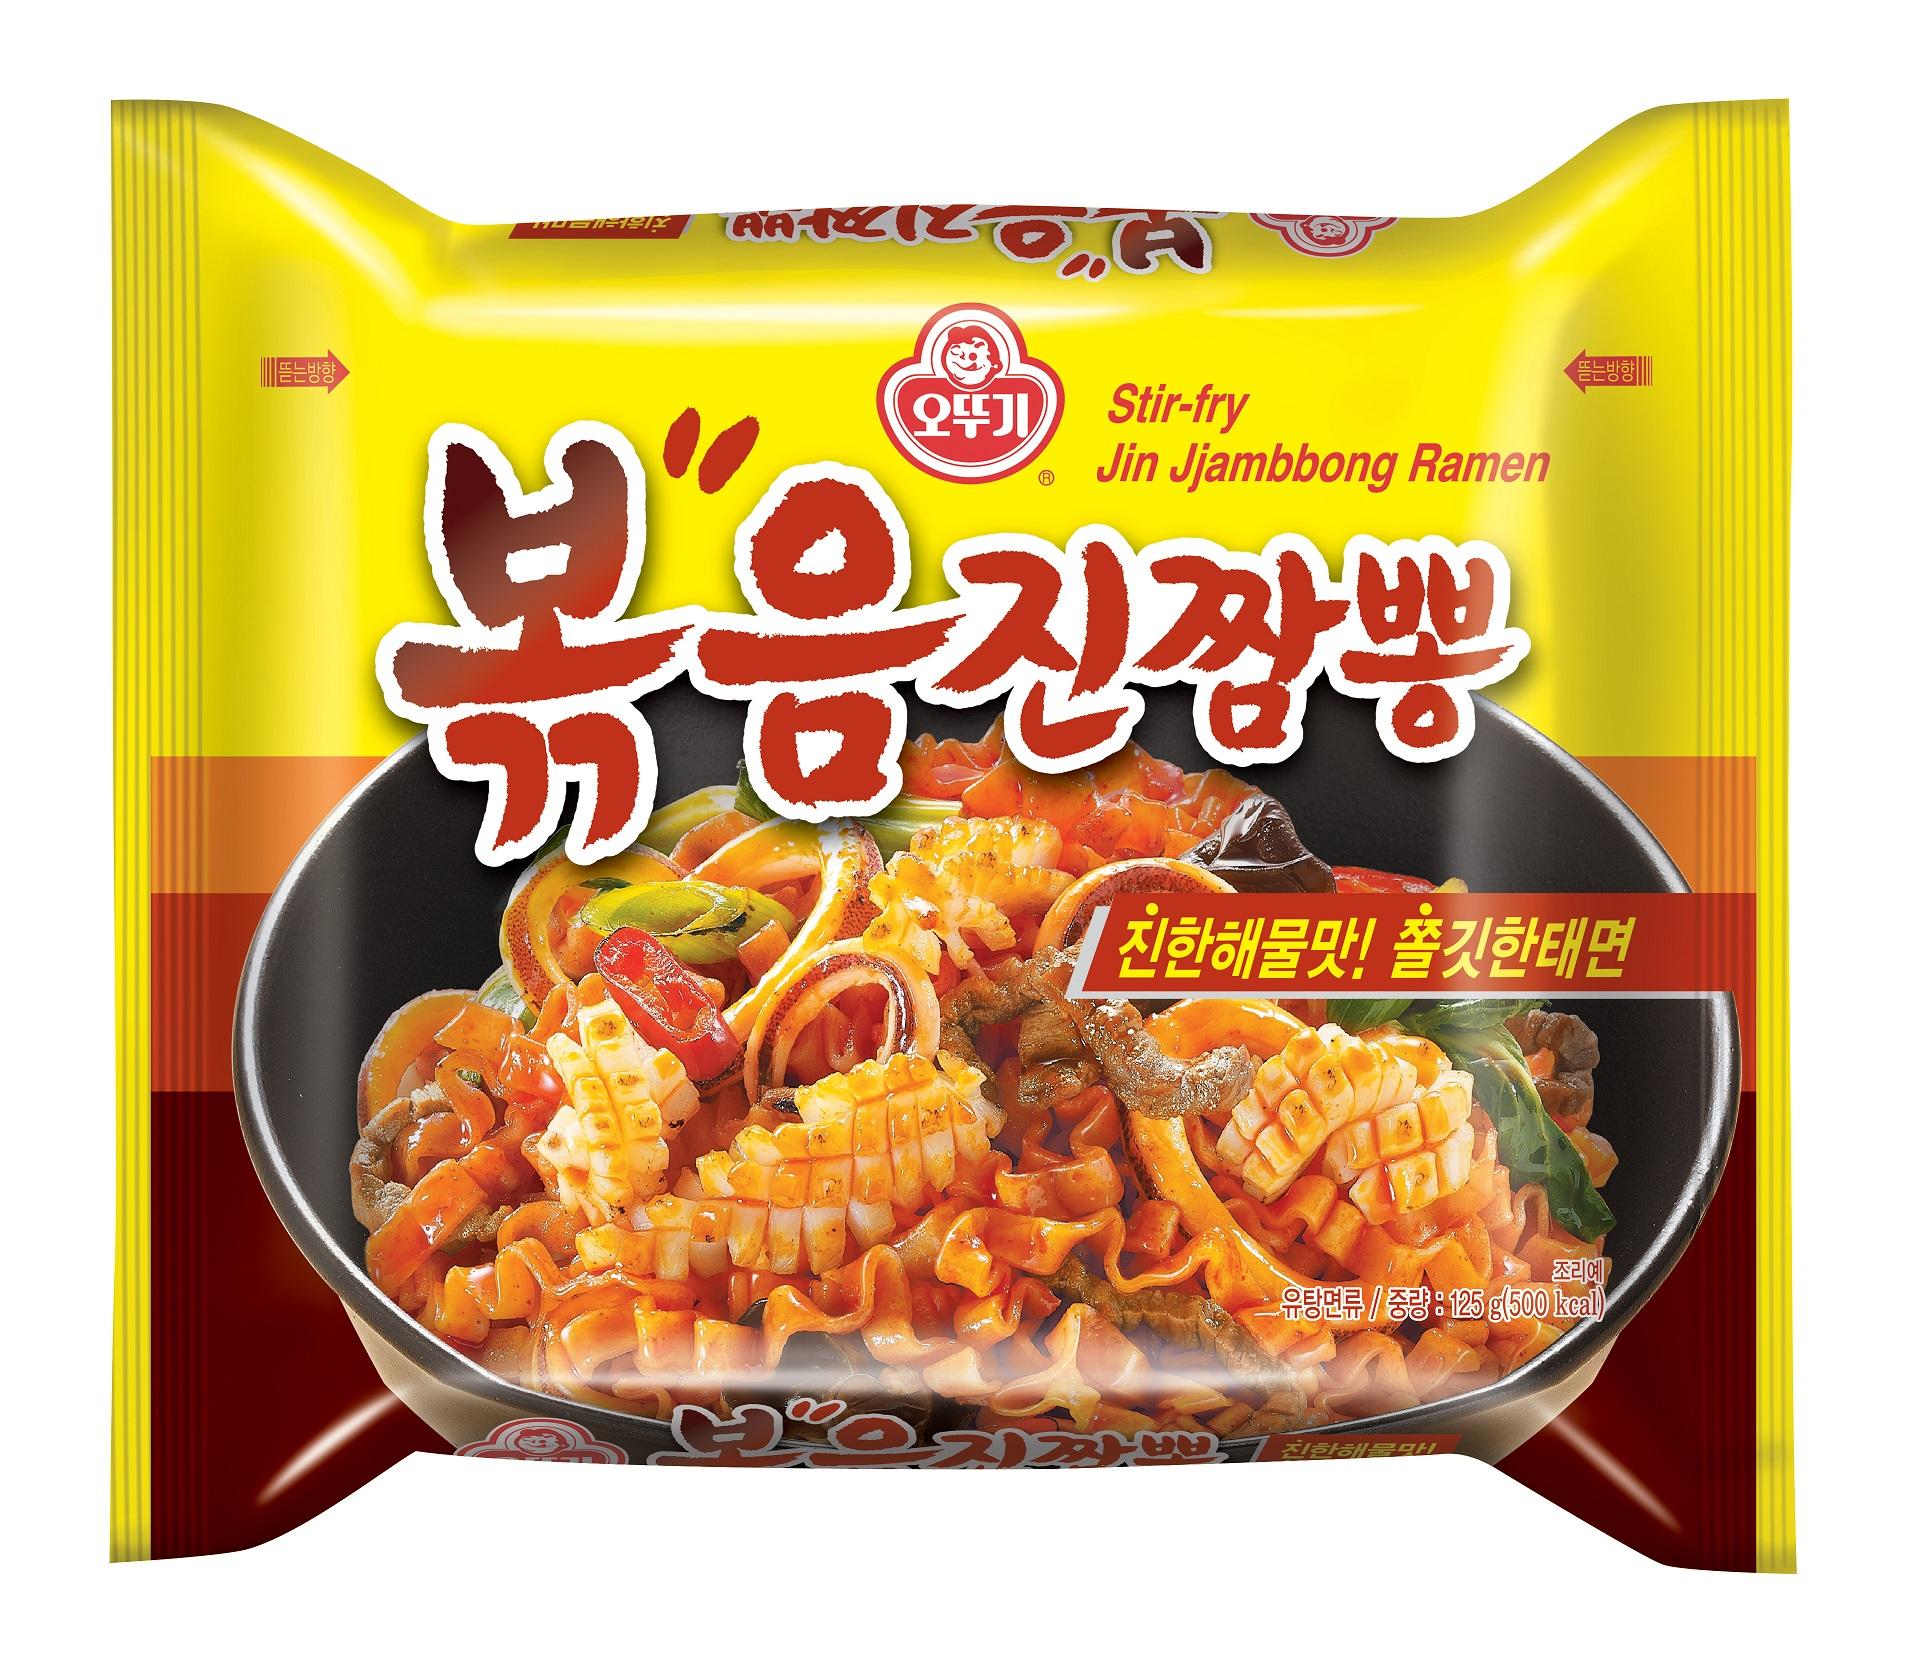 오뚜기, 진한 해물맛과 쫄깃한 태면으로 즐기는 '볶음진짬뽕' 출시